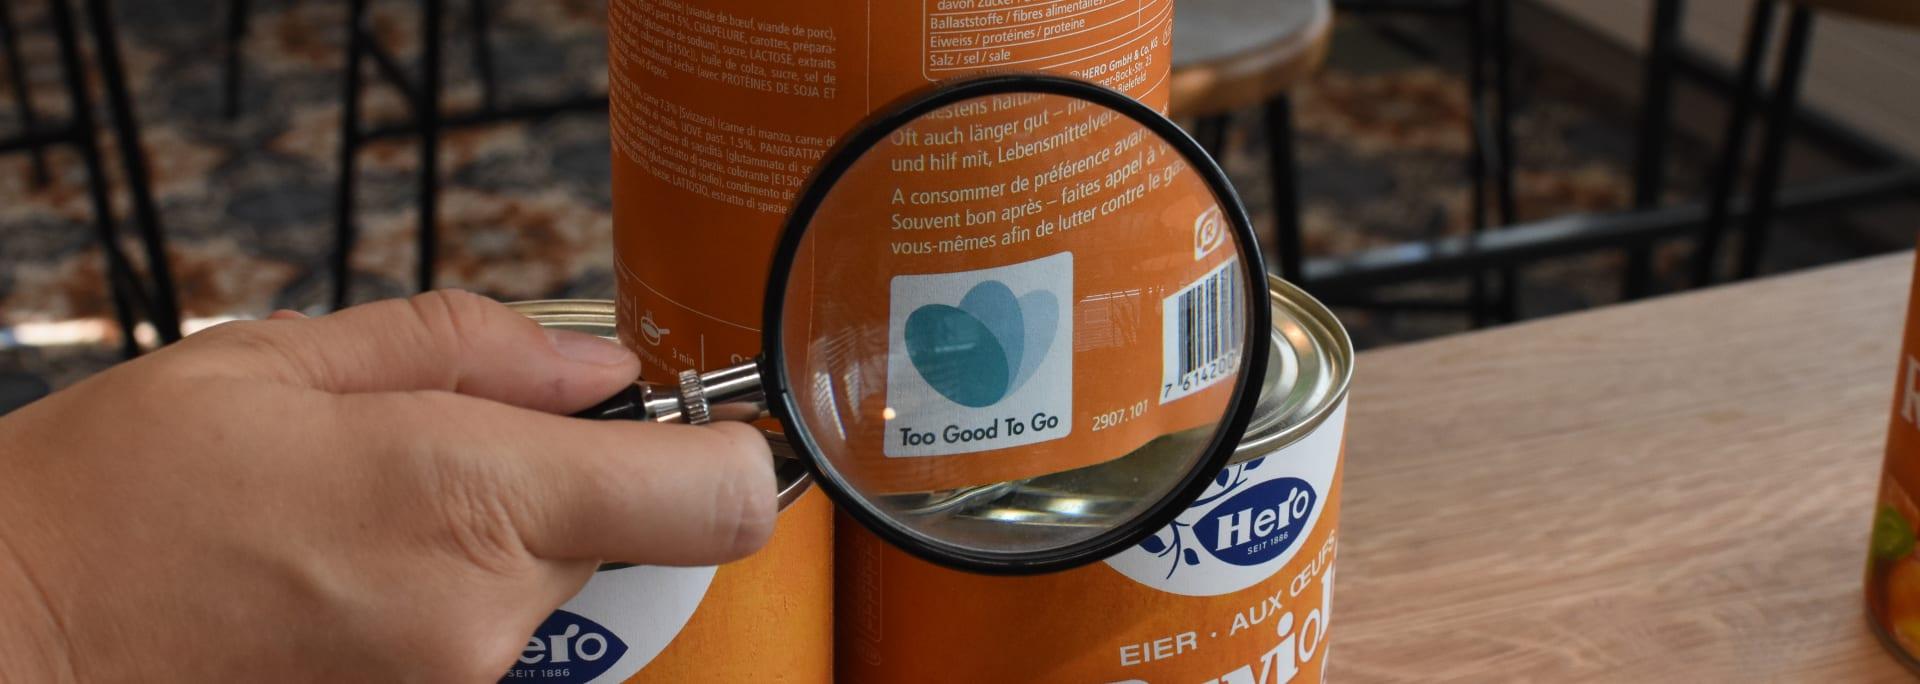 Hero Nachhaltigkeit | Too Good To Go